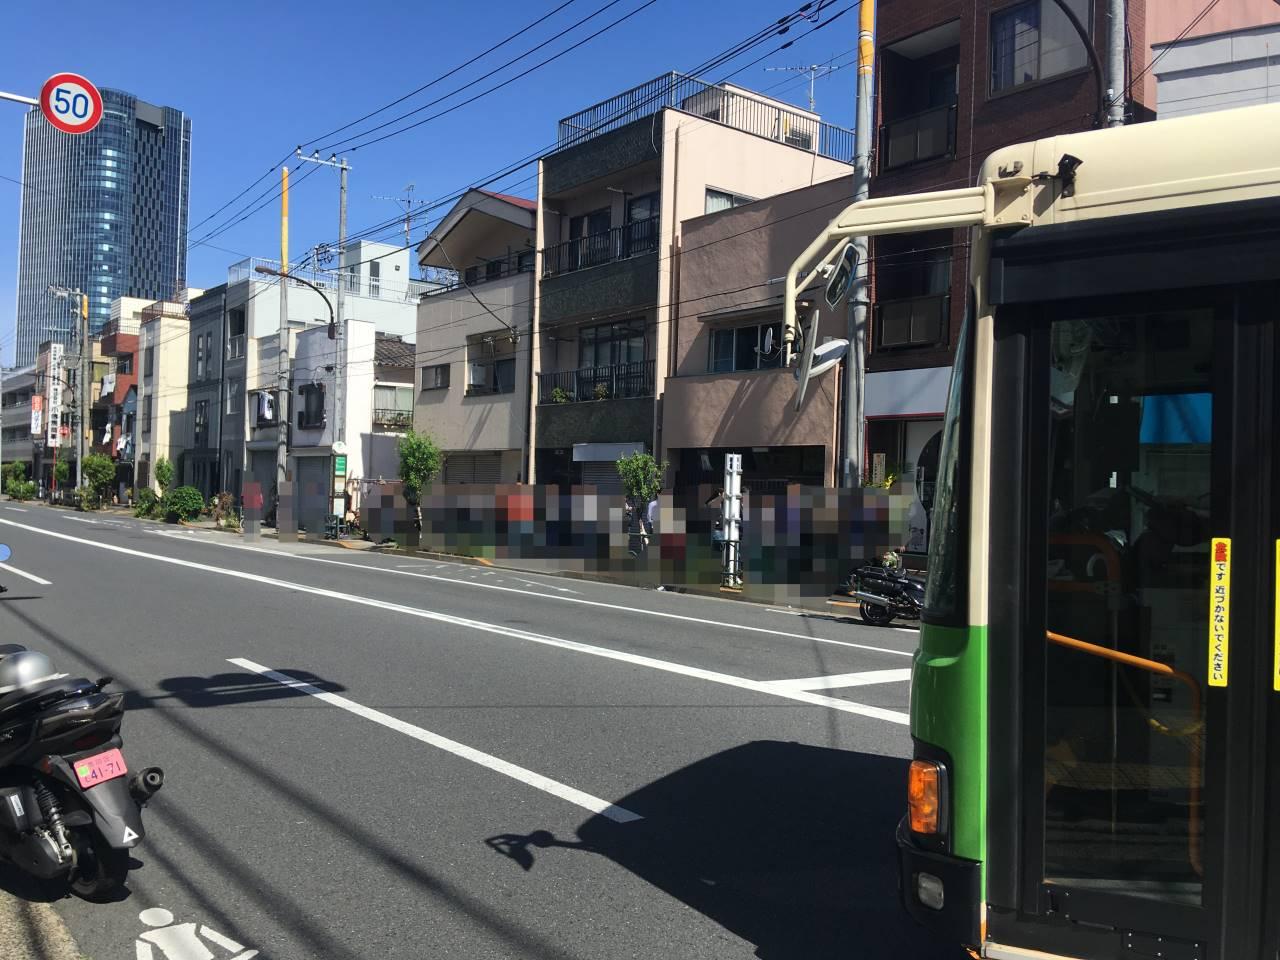 店舗前の行列の並び:竹末東京プレミアム5周年記念